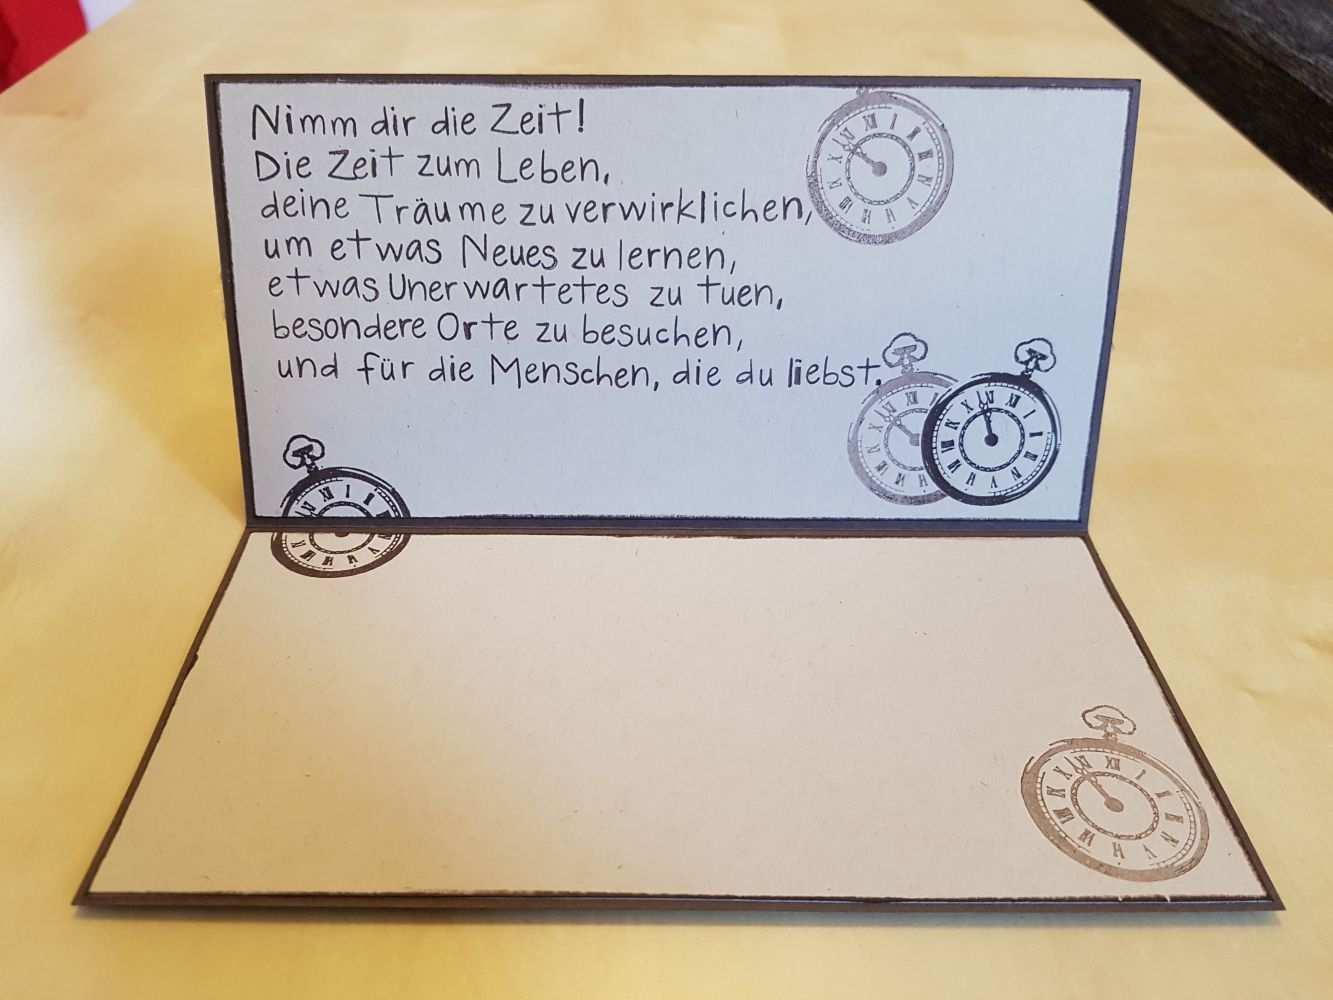 Karte Zum Ruhestand Karte Abschied Kollegen Ruhestand Ruhestand Basteln